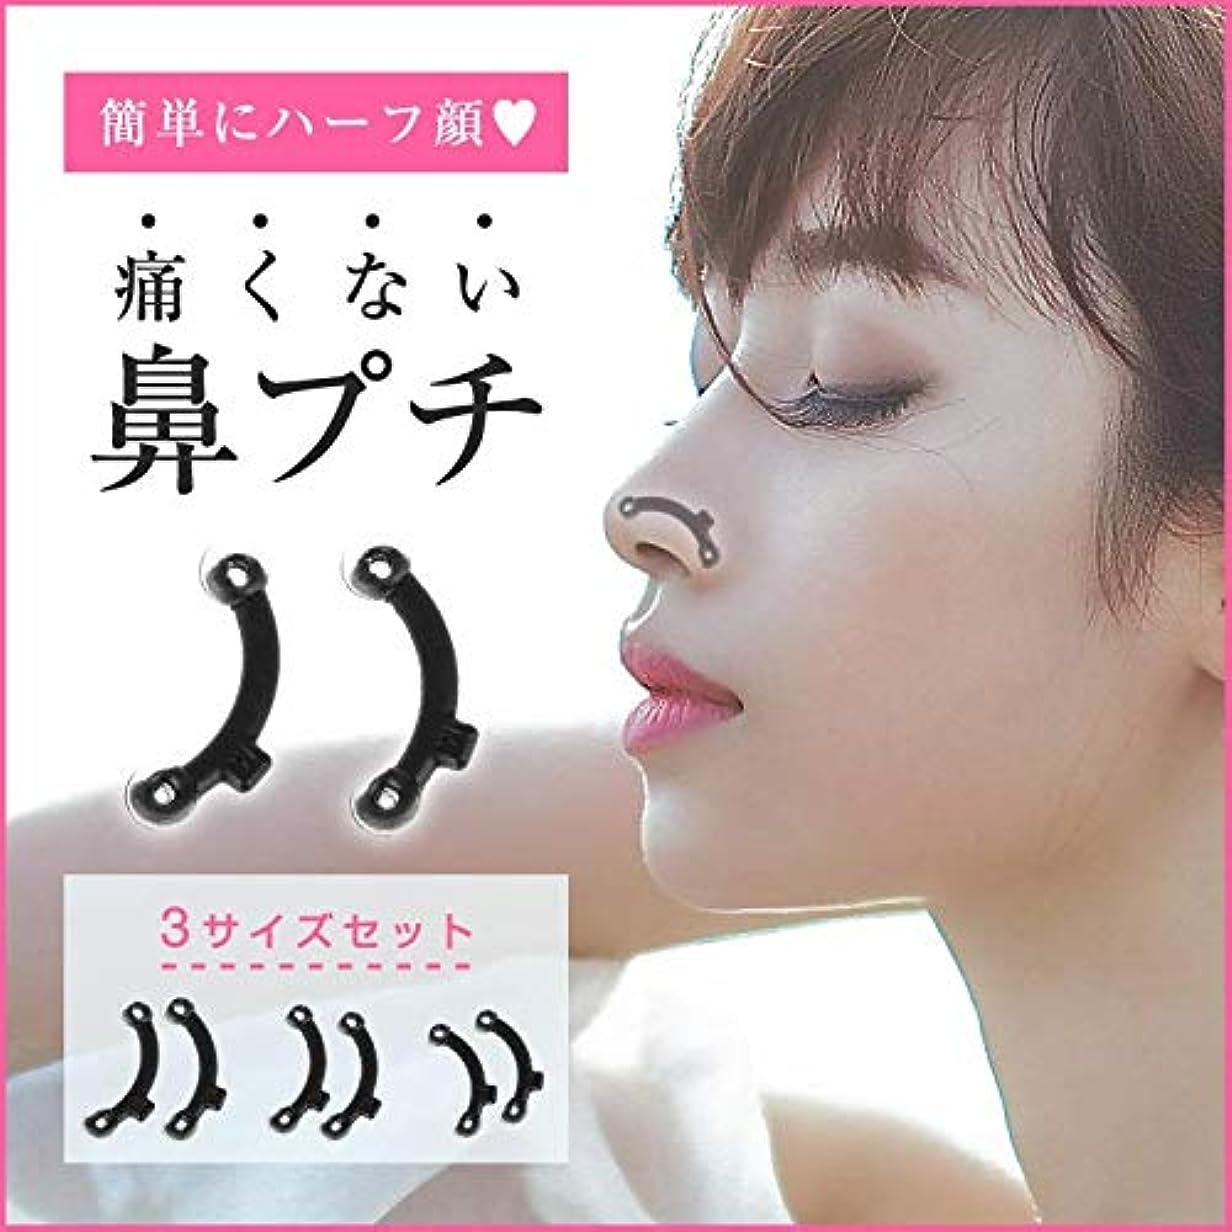 アブストラクトデイジー温室【ジェーン粧】 鼻プチ コポン 、( S M L全3サイズセット)鼻筋スラりん 、鼻のアイプチ 矯正器具 プチ整形